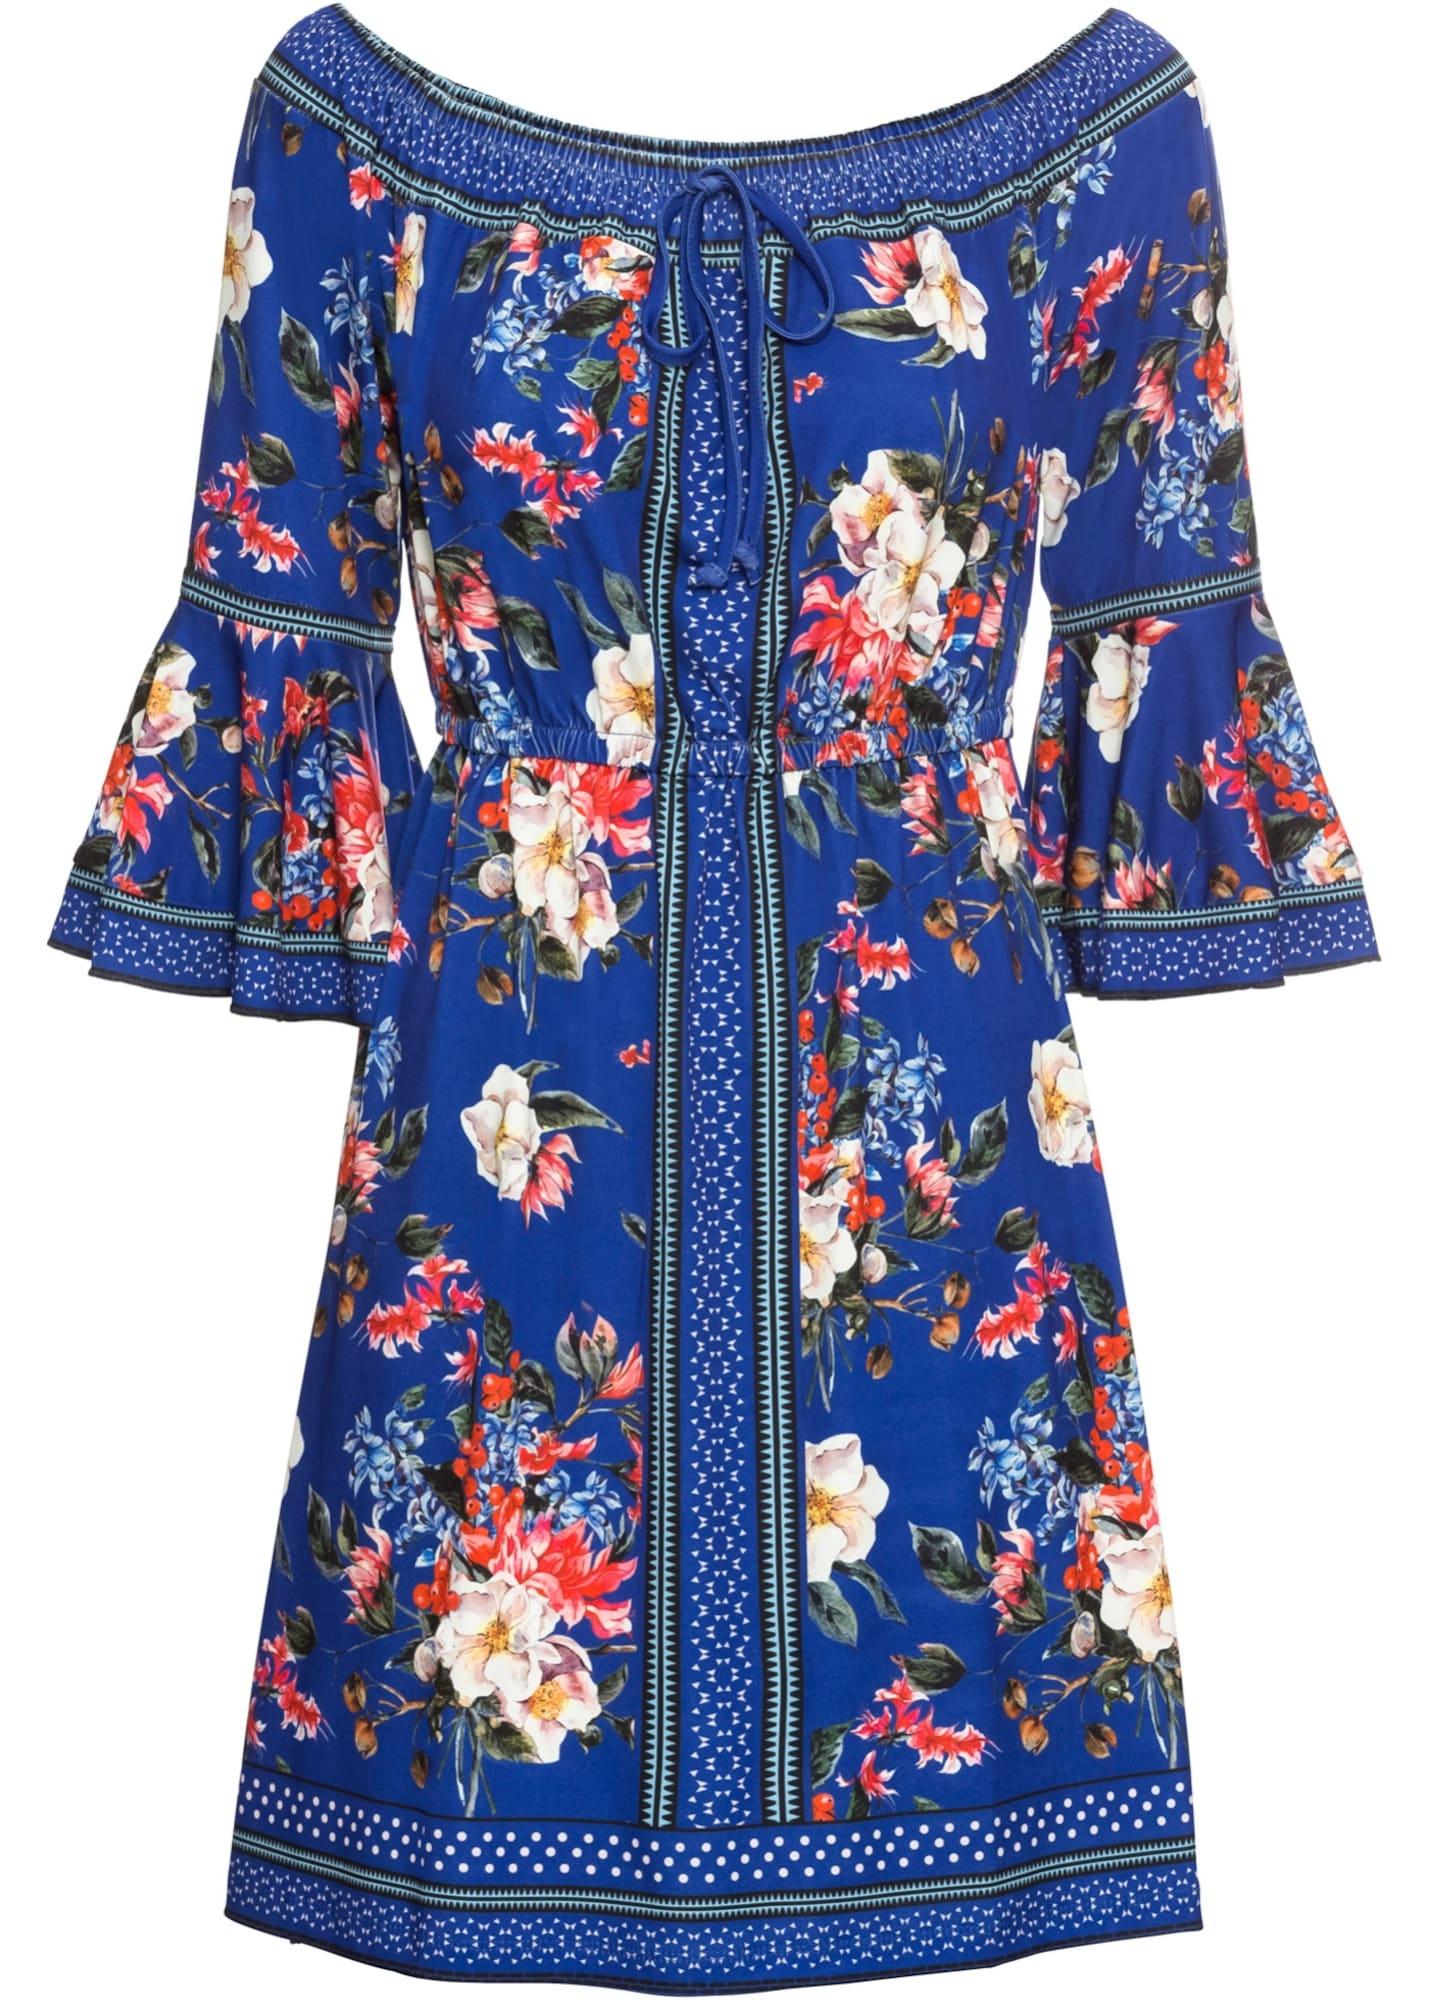 Jerseykleid mit Blumenprint | Bekleidung > Kleider > Jerseykleider | bonprix